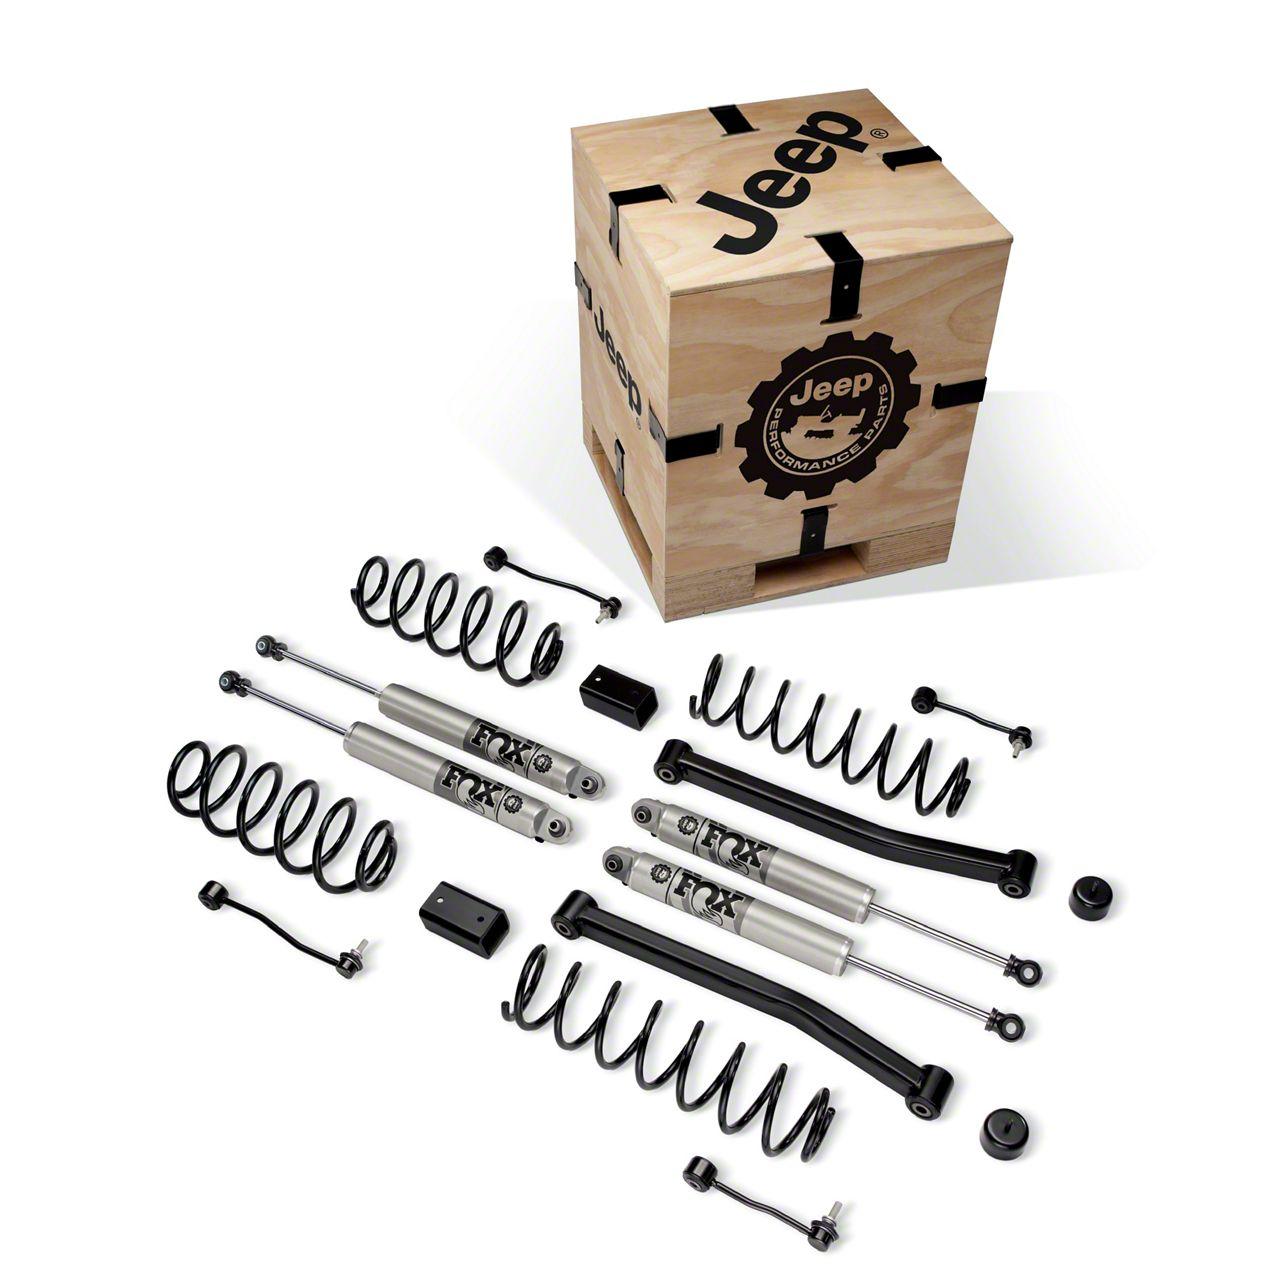 Mopar 2 in. Lift Kit w/ Fox Shocks (18-19 3.6L Jeep Wrangler JL 4 Door)